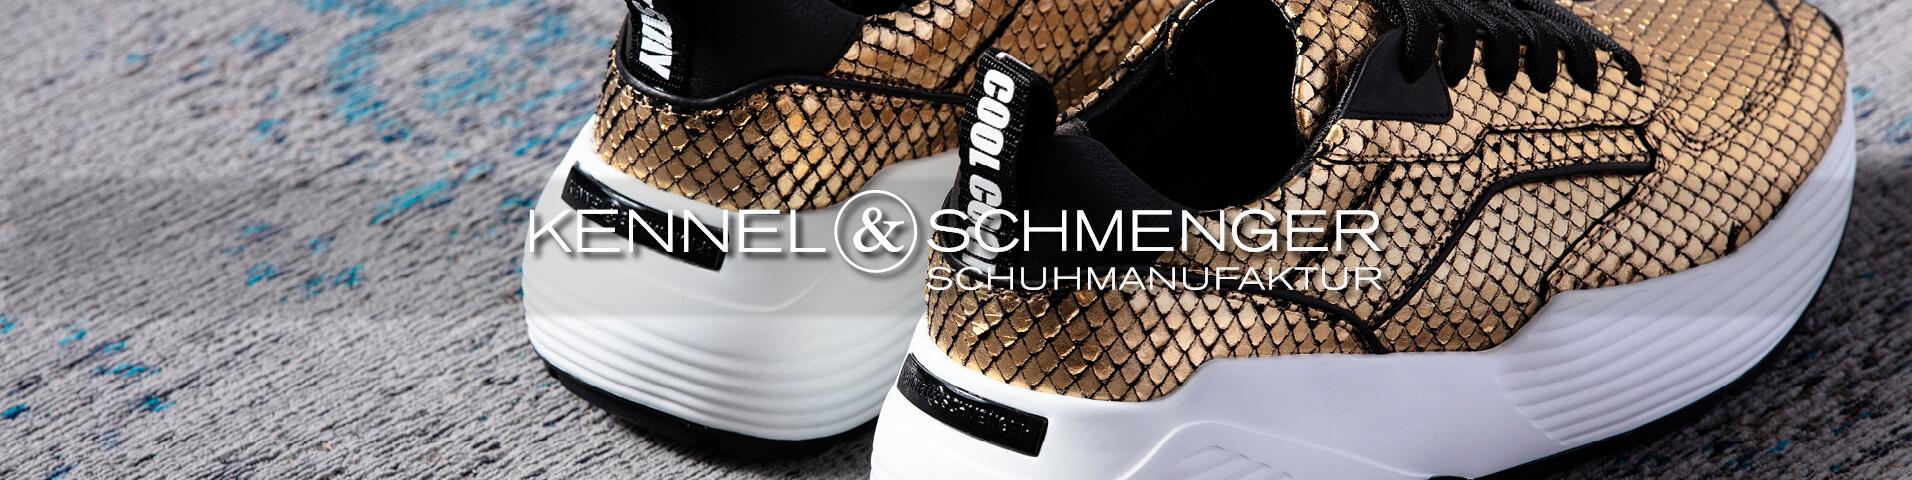 Online Für SaleSpare Sneaker Im Femme KennelSchmenger TlK3uJcF1